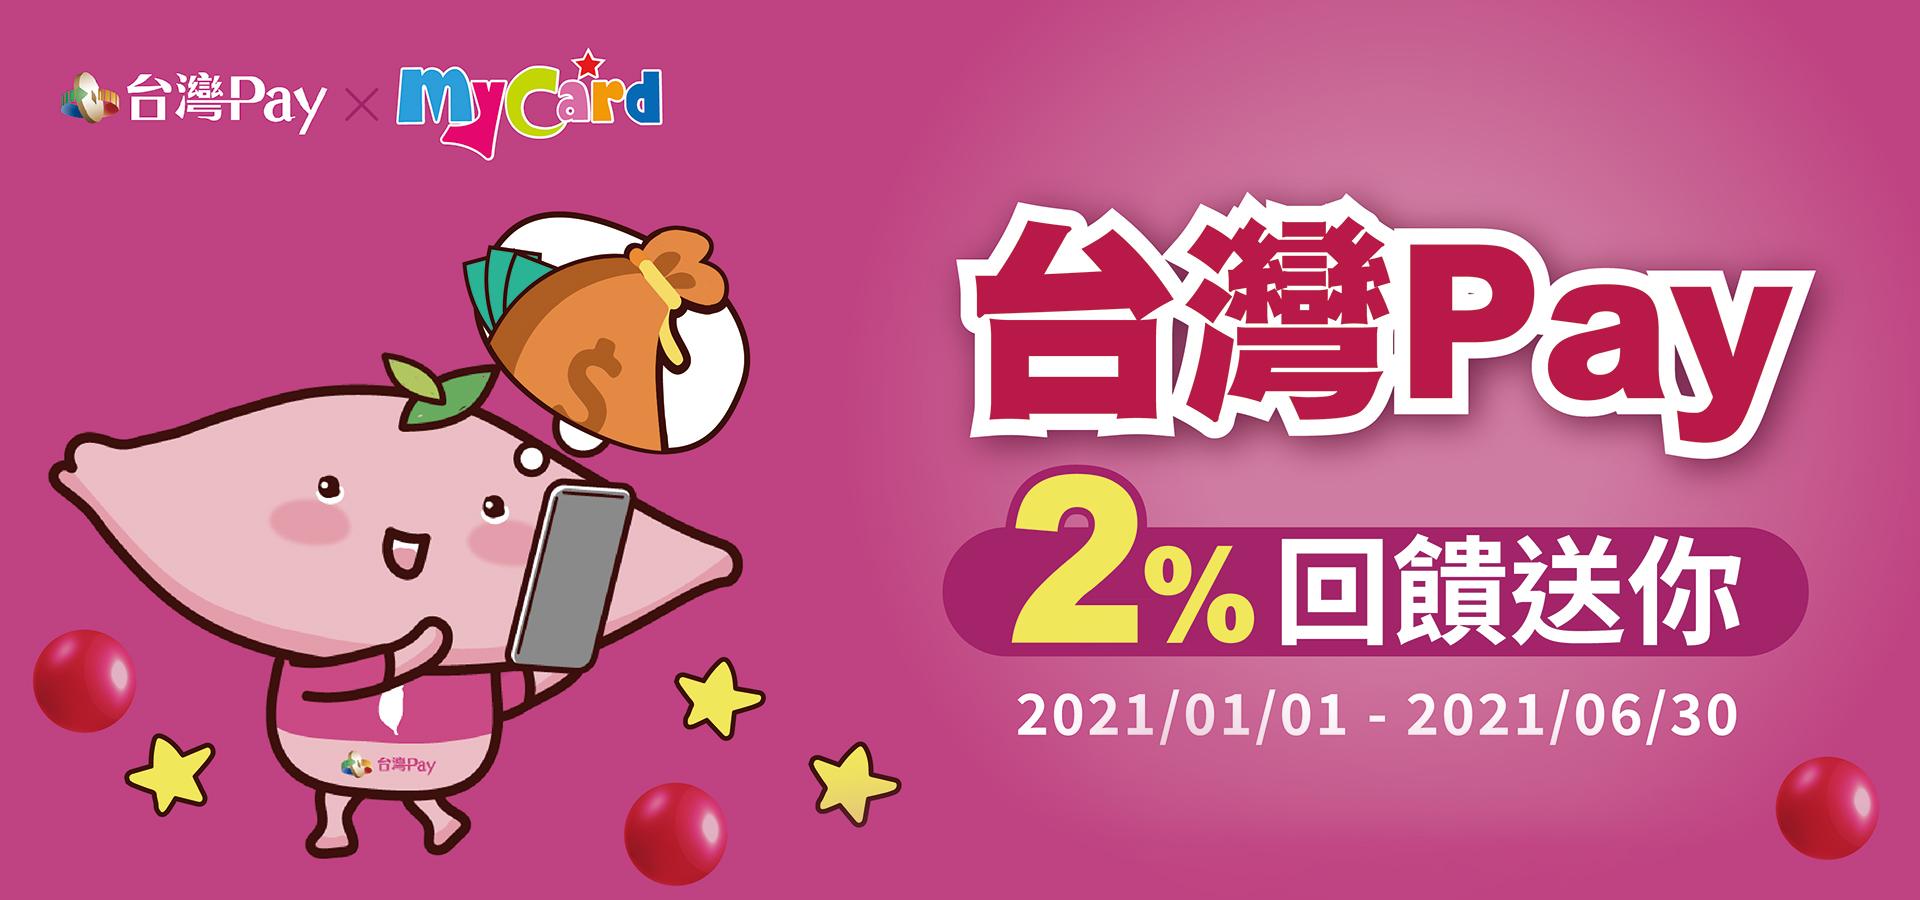 台灣Pay買MyCard 2%回饋送給你